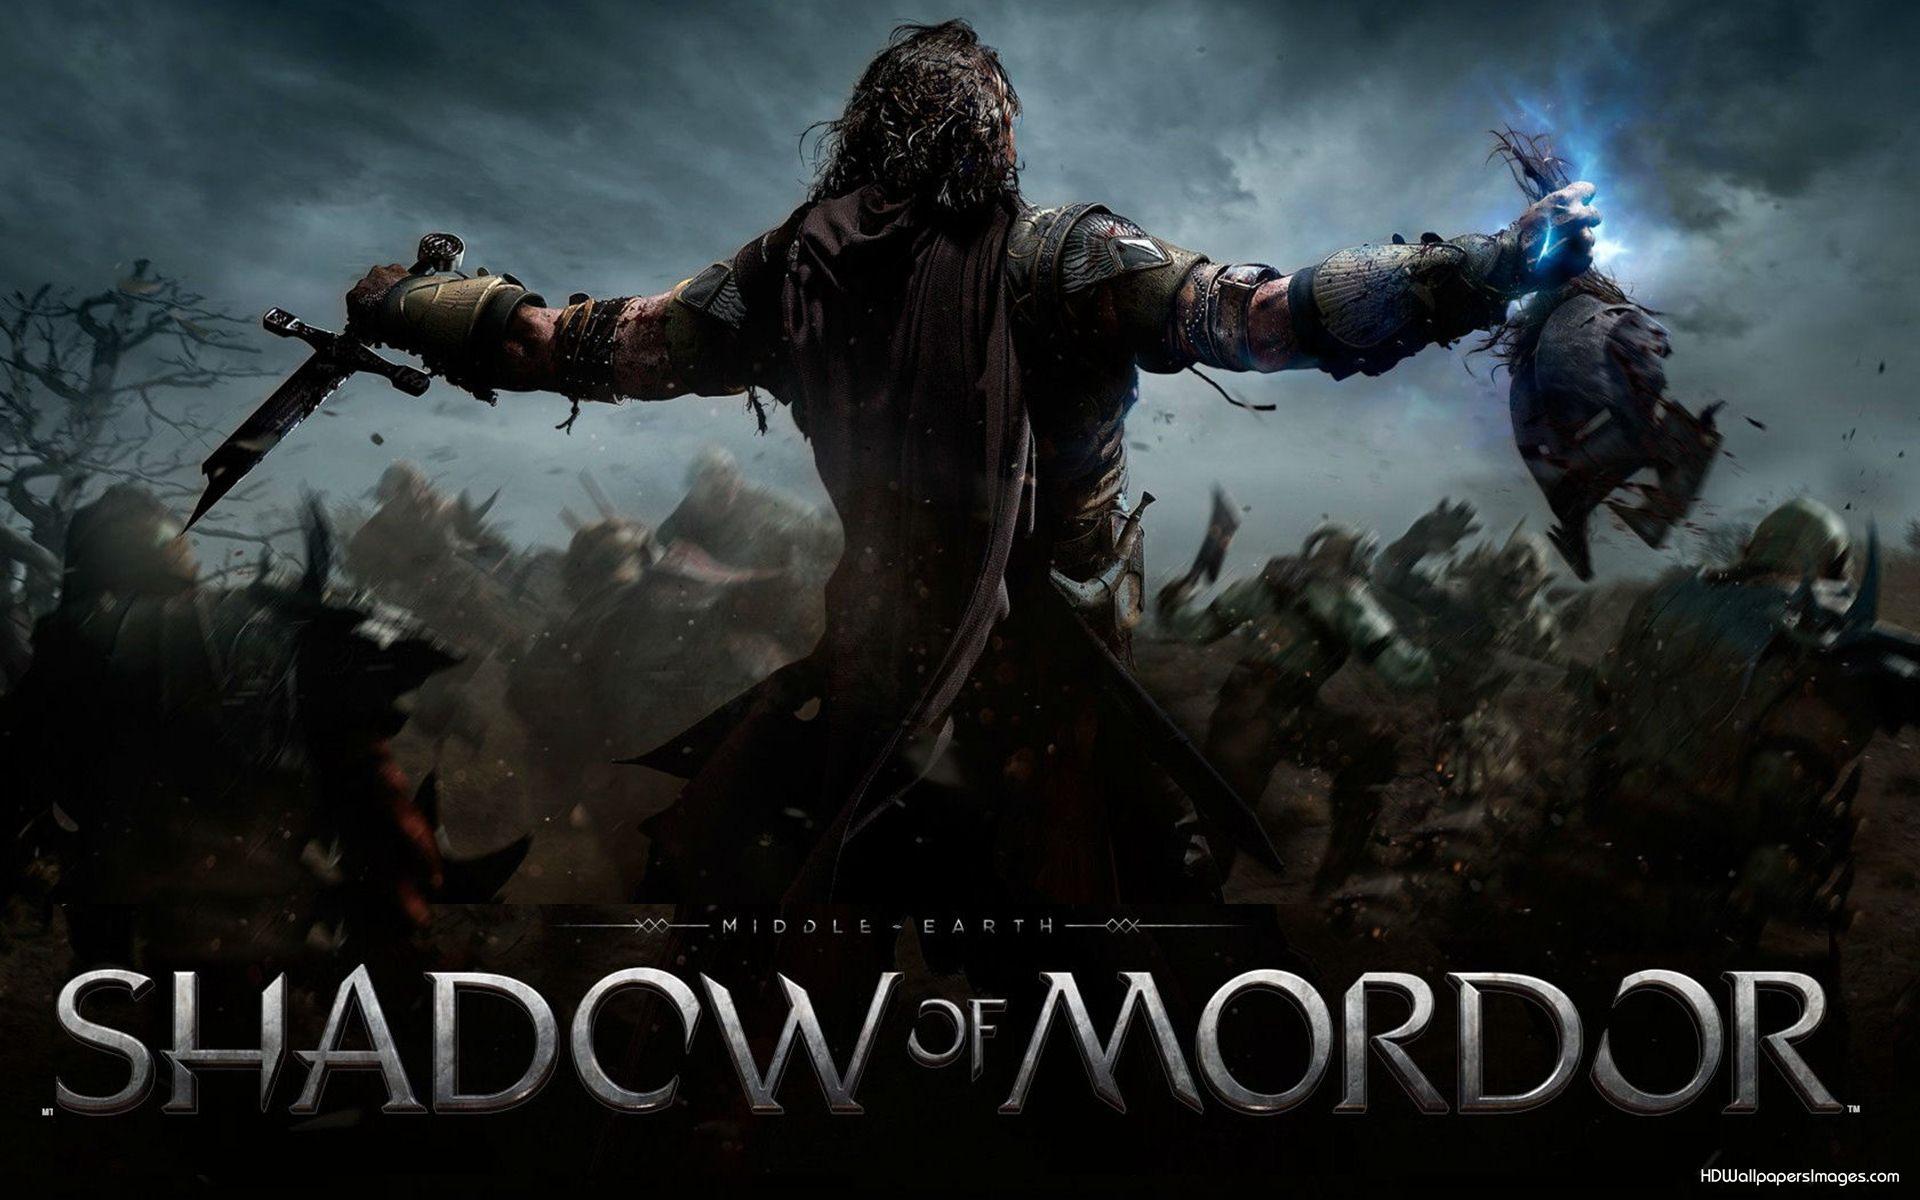 Fantastic Fantasy Mordor Wallpaper Wwwmiifotoscom